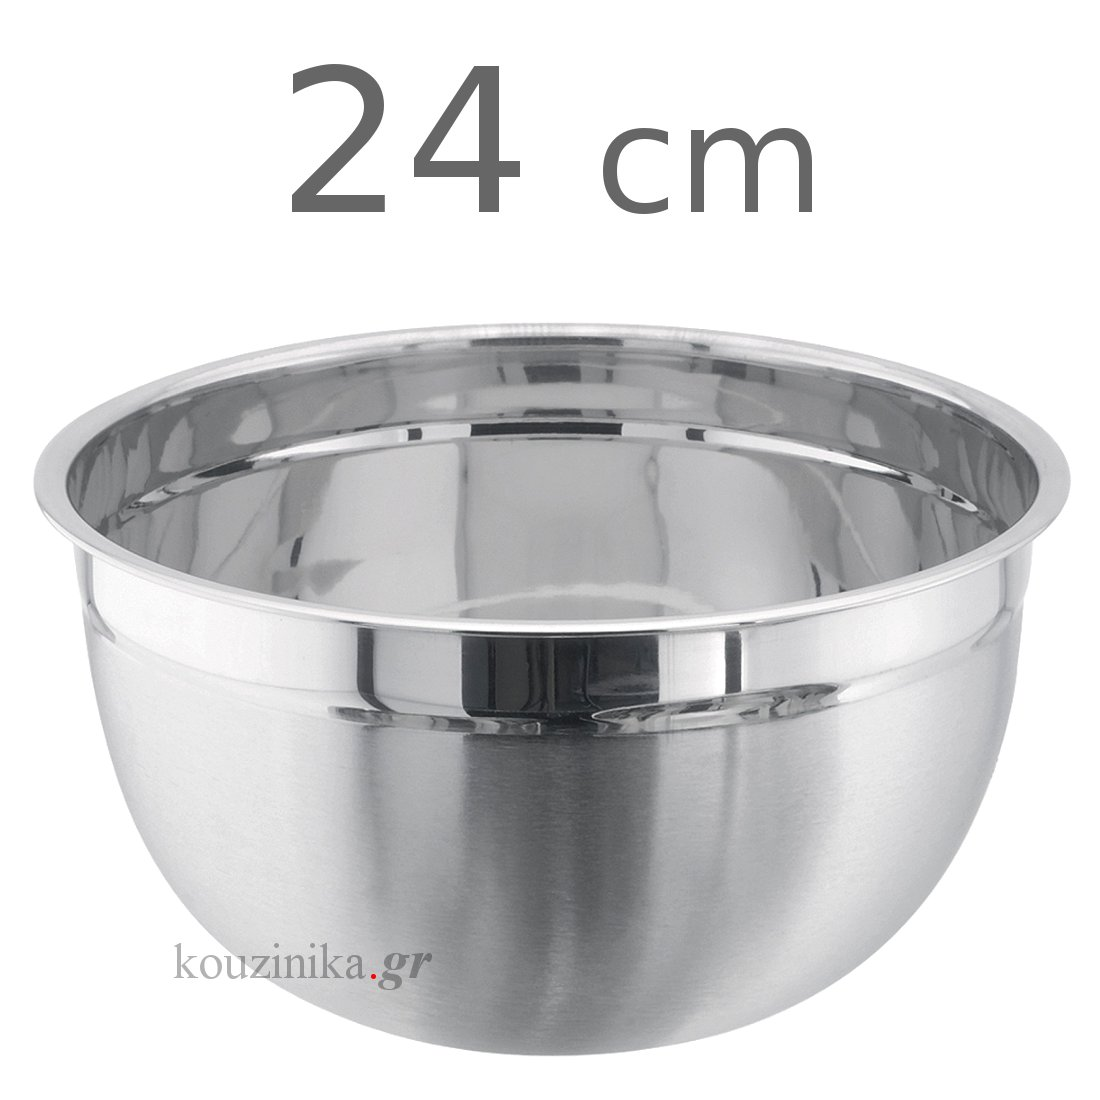 Μπωλ ανοξείδωτο βαθύ σατινέ 24 cm